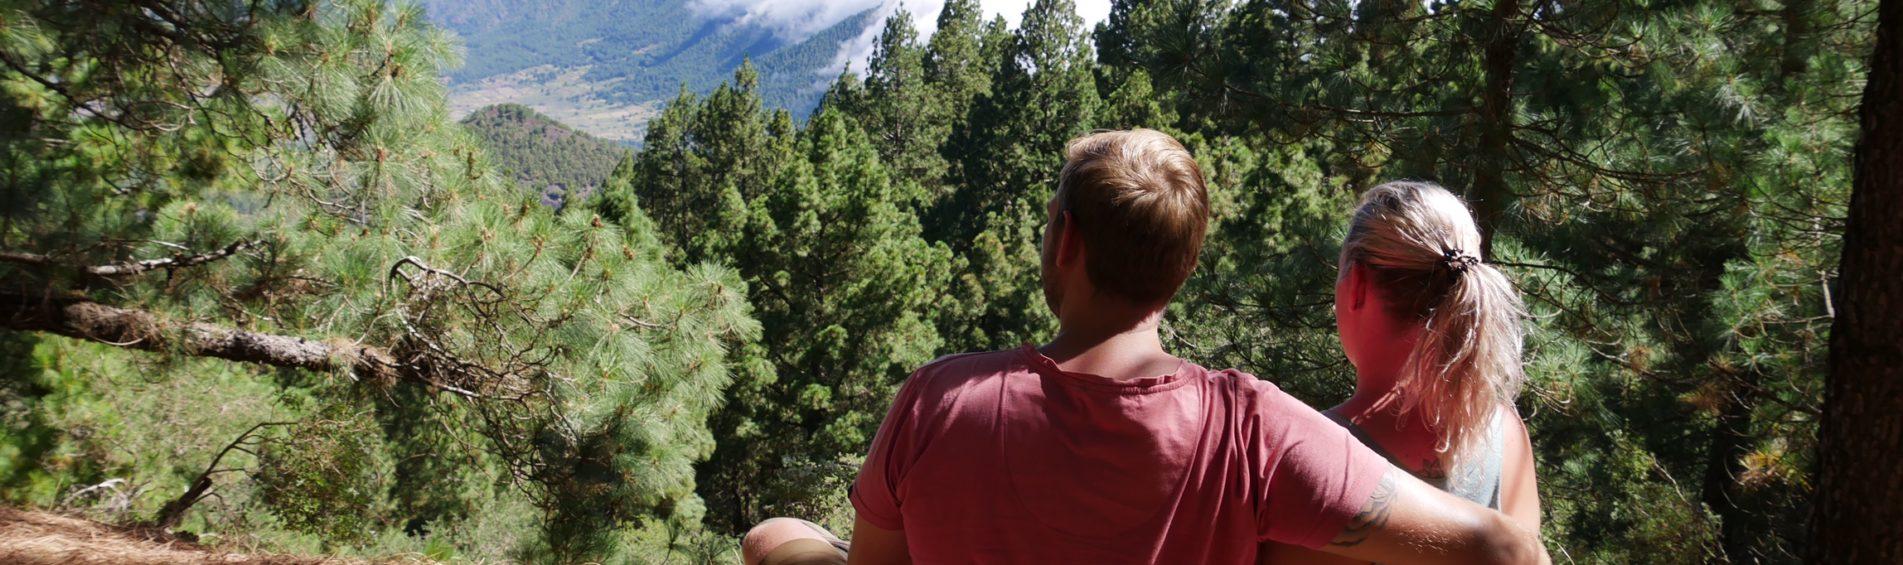 10 redenen waarom La Palma DE bestemming voor de zomer is!